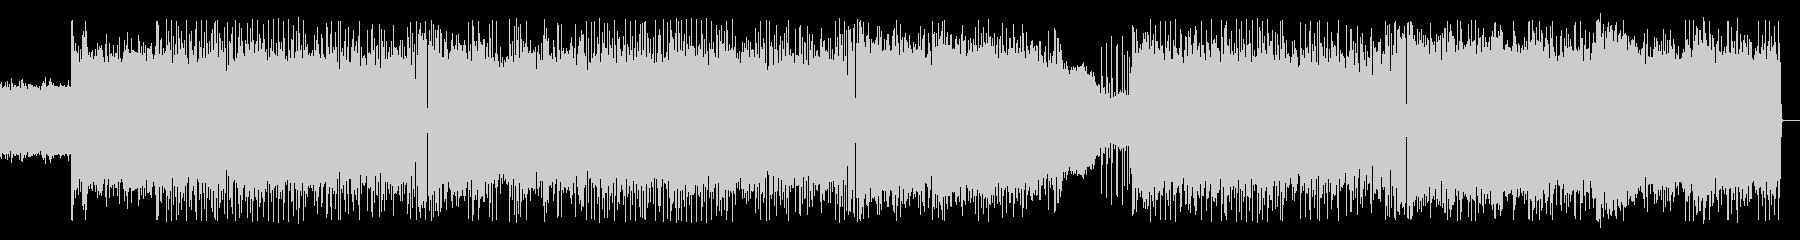 限界に迫る緊迫感なイメージ Remixの未再生の波形